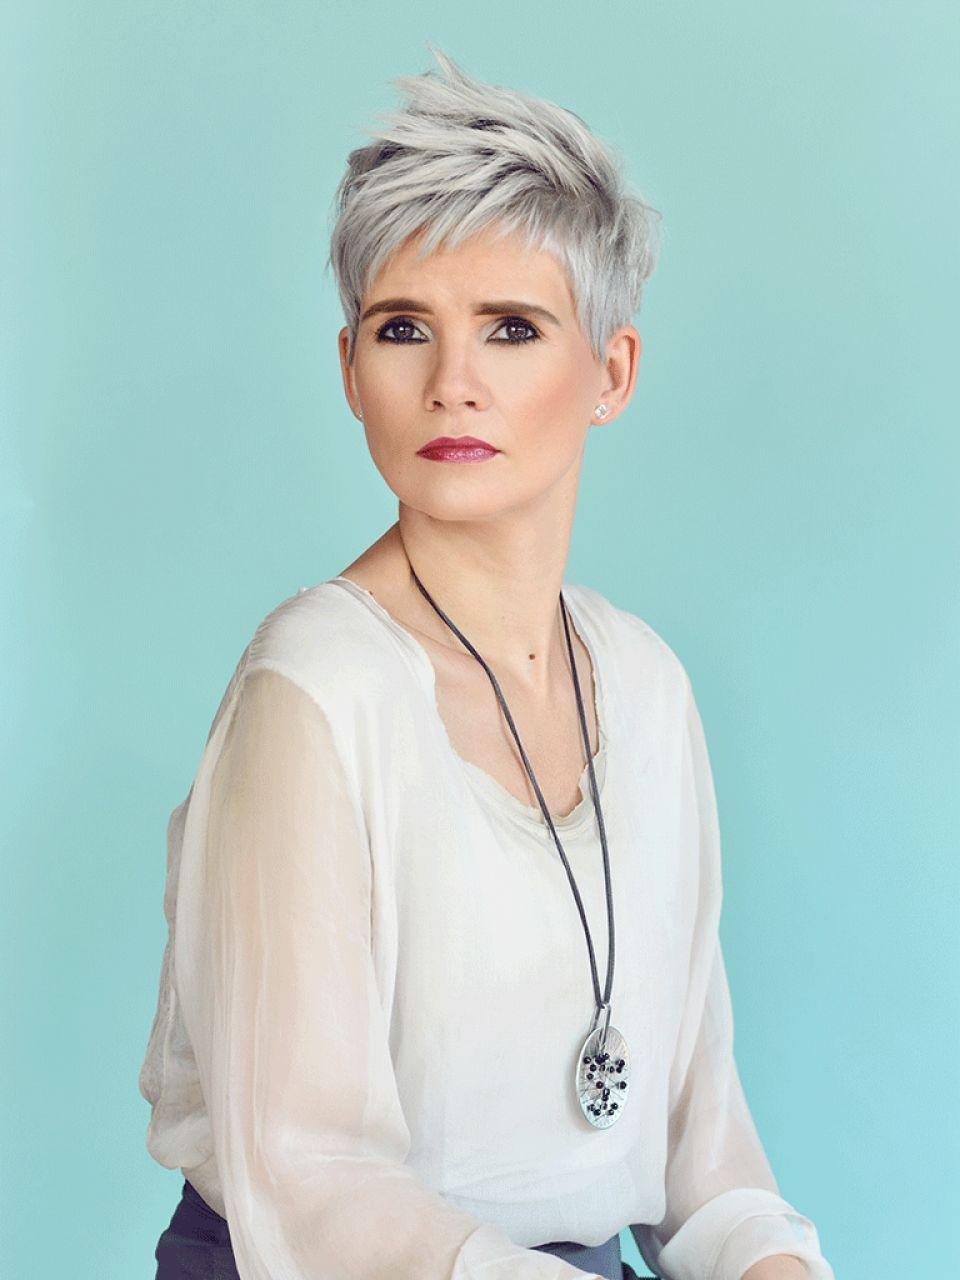 Flotte Frisuren Für Graue Haare  Unsere TOP 25 graue Damenfrisuren – Platz 25